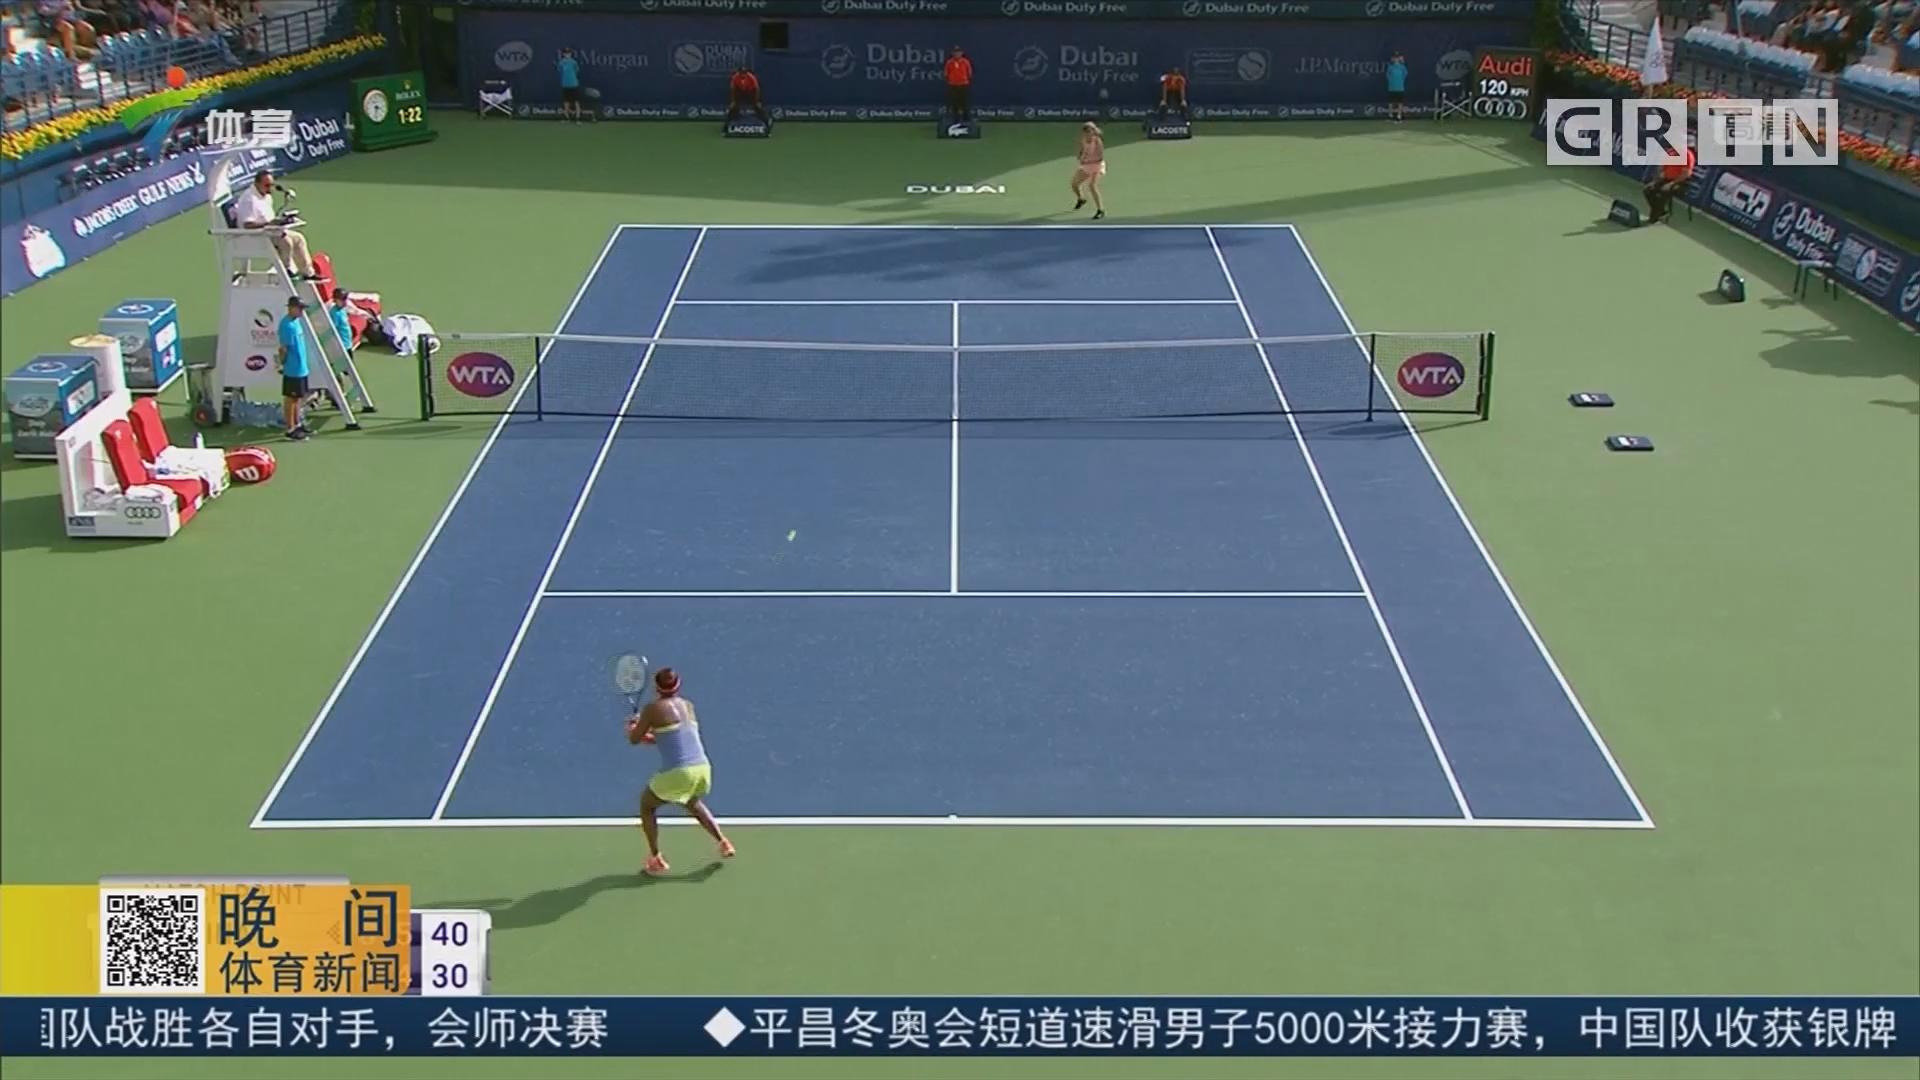 WTA迪拜赛 穆古拉扎携手科贝尔晋级四强